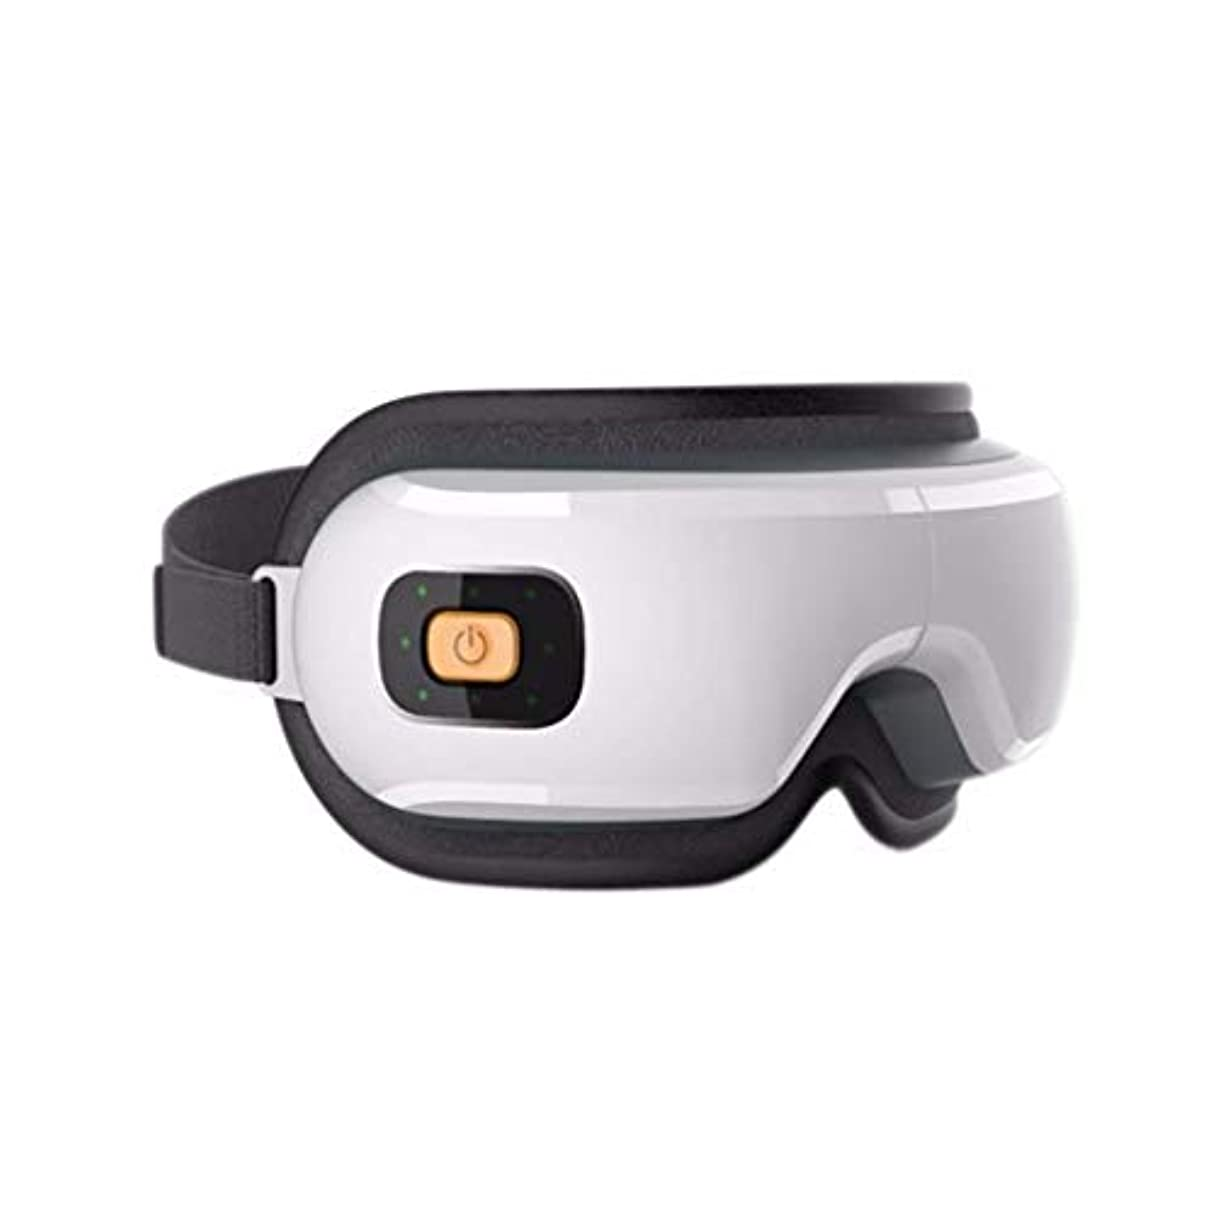 受信扱いやすい文明化するアイマッサージャー、電動ポータブルアイマッサージツール、USB充電、スマートアイケア、加熱/振動/音楽/リラックス、アイバッグとダークサークルの緩和、目の疲労 (Color : 白)